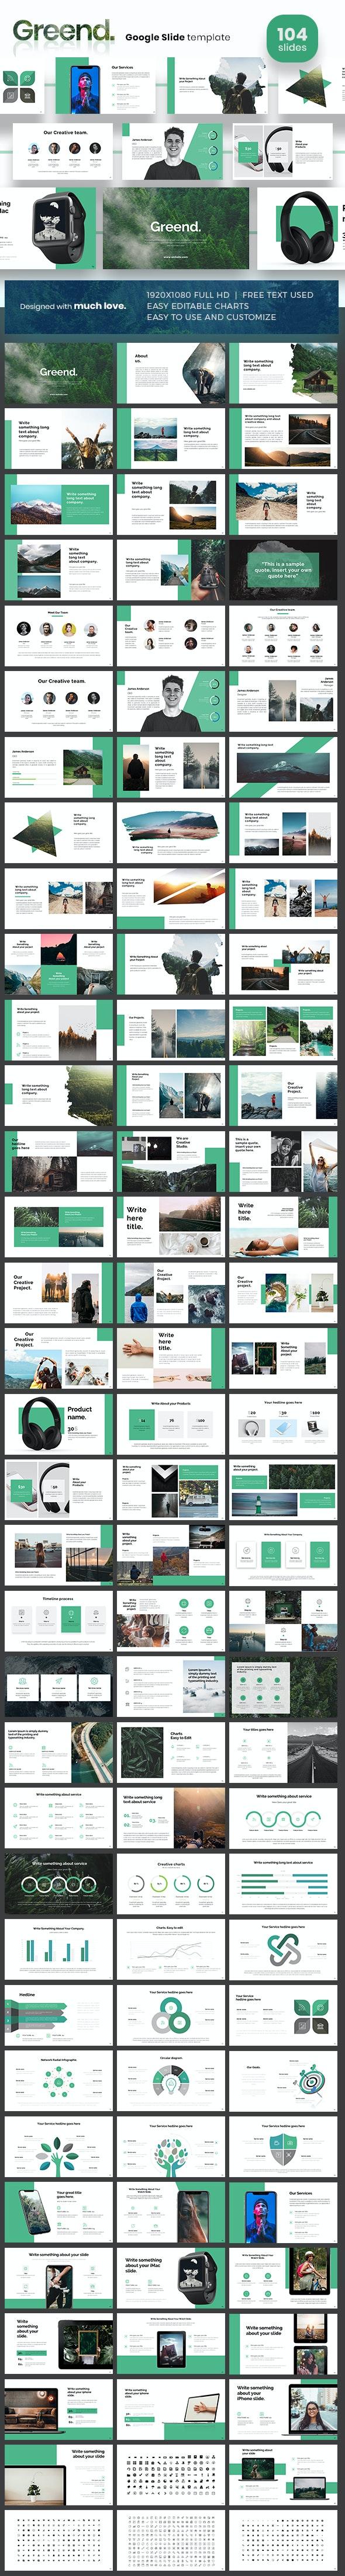 Greend Google Slides - Google Slides Presentation Templates